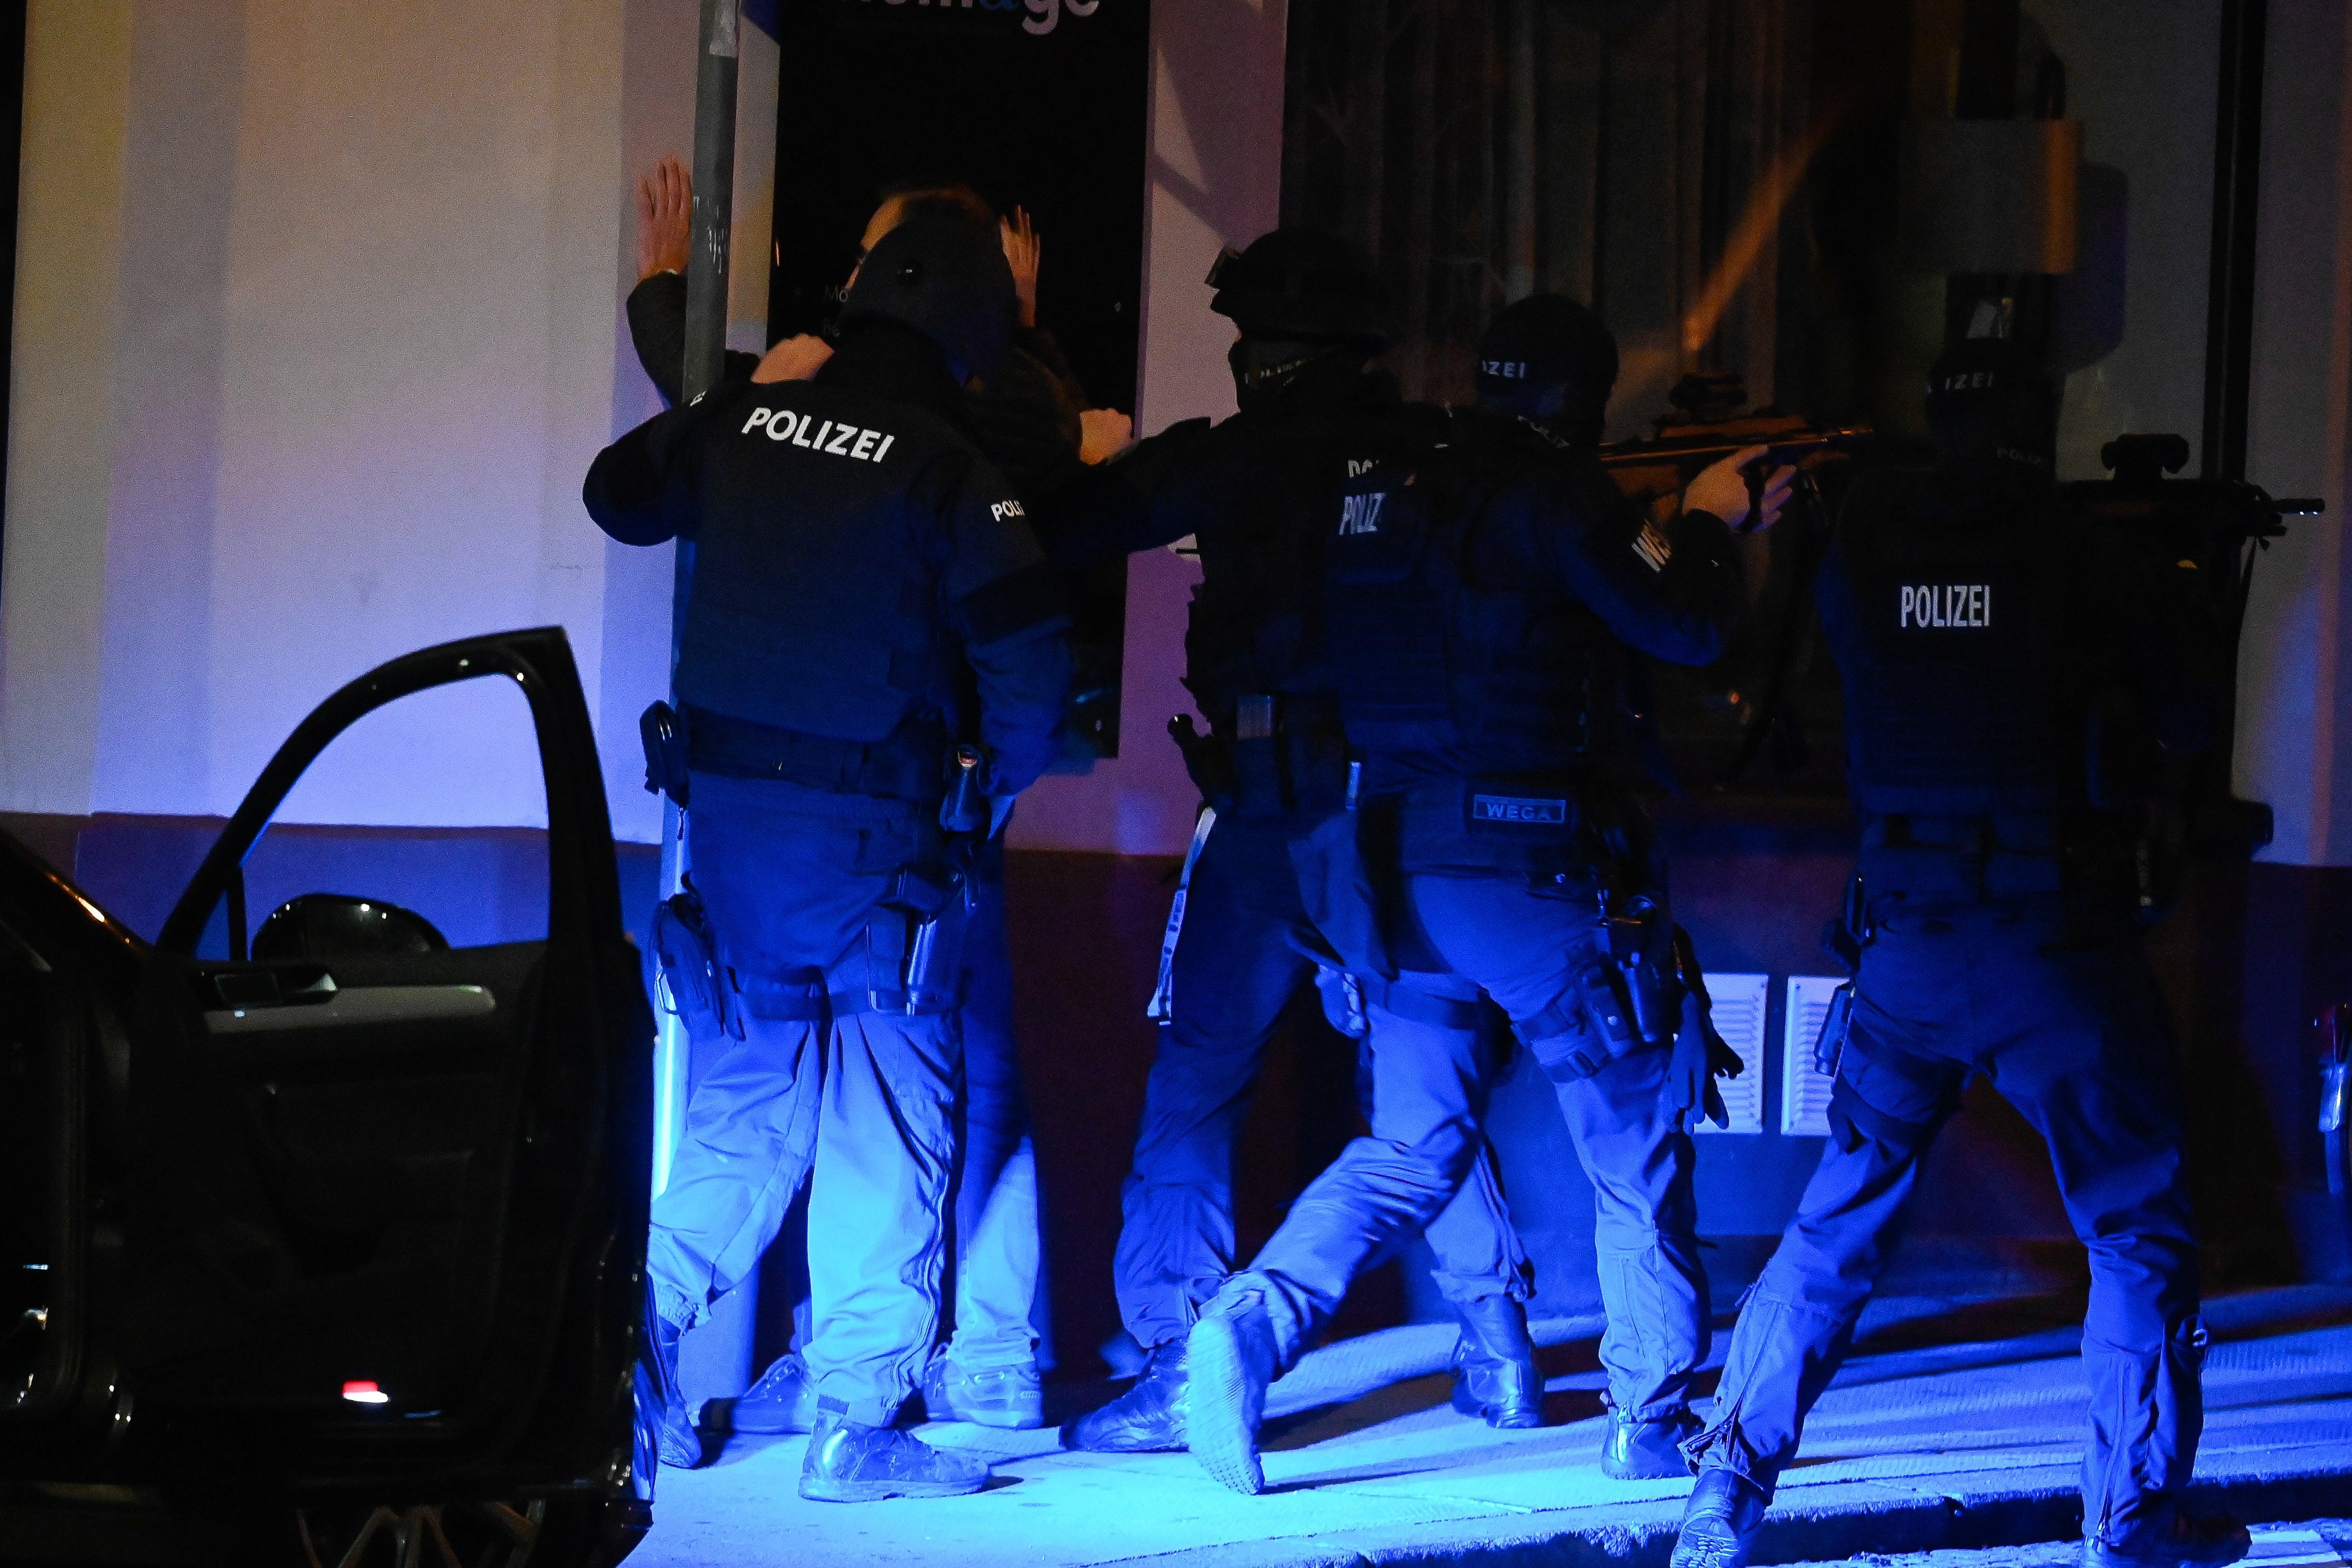 Manhunt for gunmen in Vienna after deadly suspected terror attack